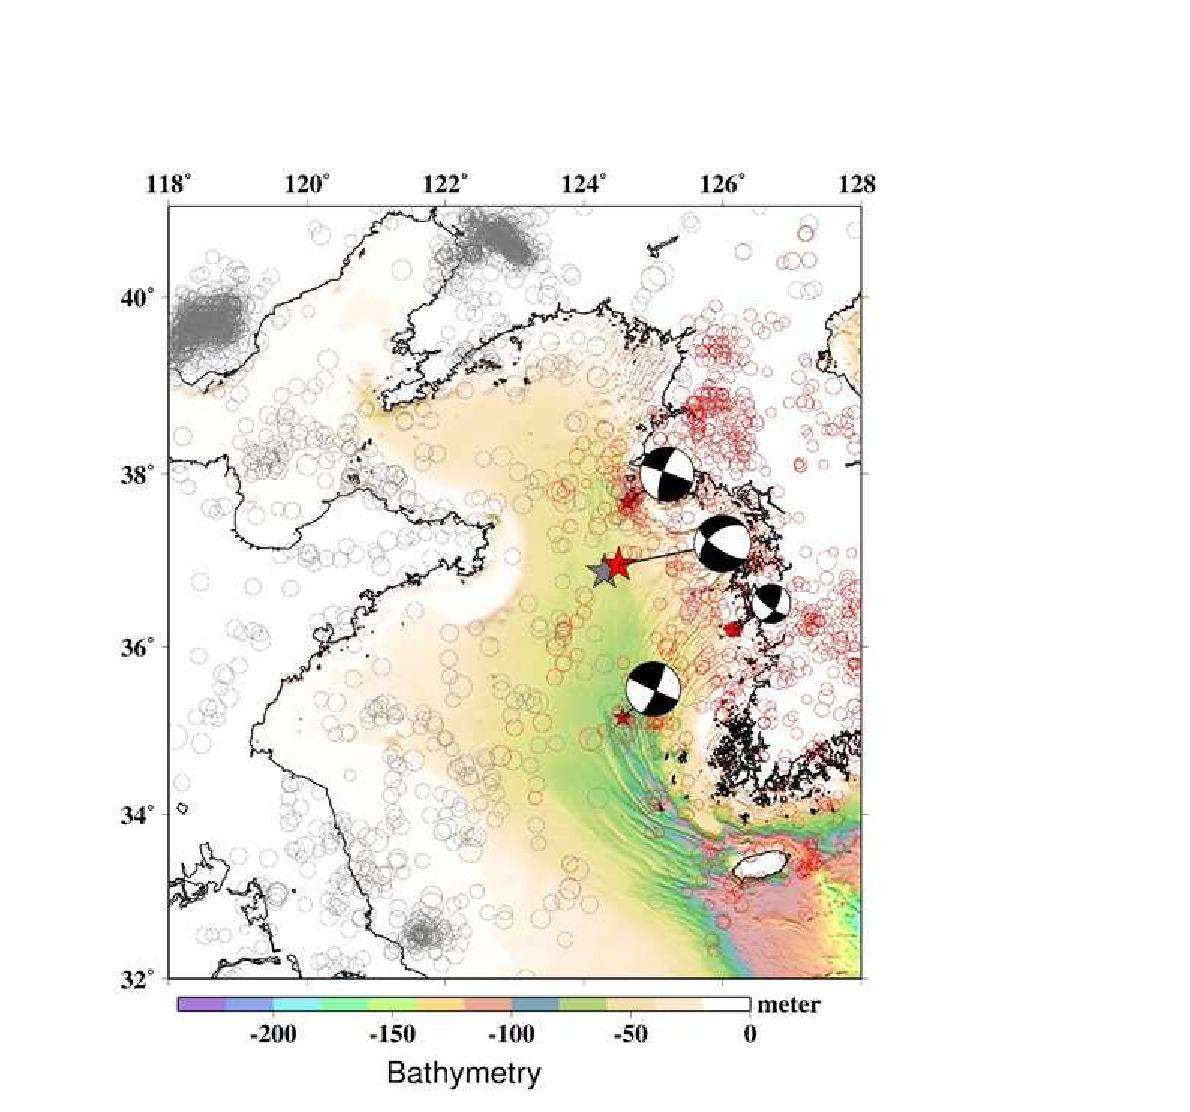 2014년 4월 1일 서해 격렬비도 해역에서 발생한 지진(규모 5.1)에 대한 한국 기상청 (빨강색 별)과 중국 지진국 지진 발생위치 정보(회색 별).